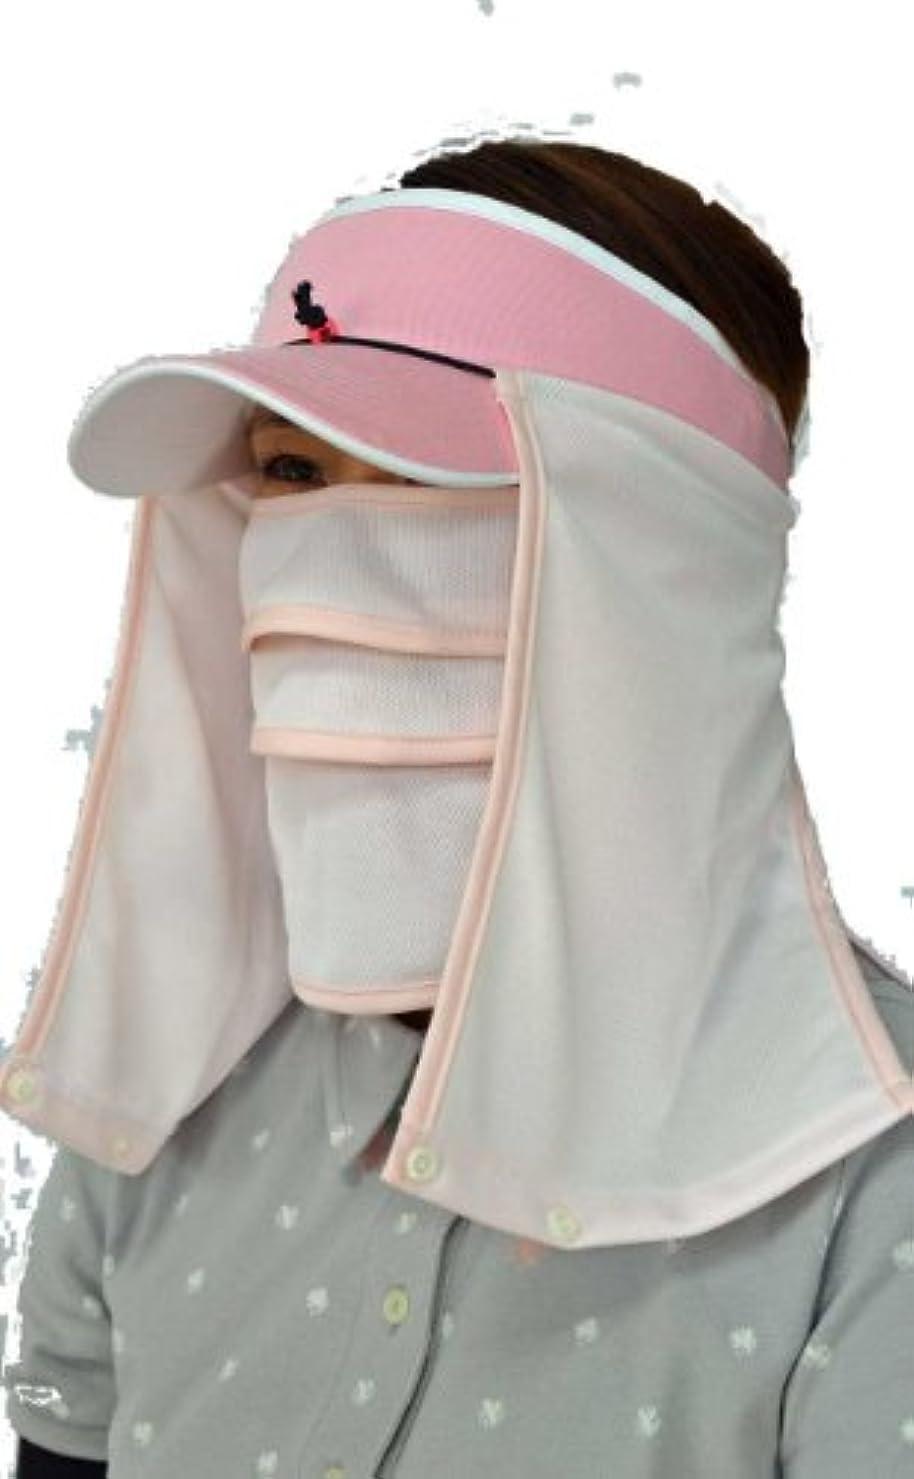 禁じる見落とすアブストラクトUVスポーツマスク?マモルーノ?とUV帽子カバー?スズシーノ?のセット (ピンク)!【◆テニス、ゴルフ、ウオーキング、ジョギング、スキー等のスポーツの際の紫外線対策、日焼け防止に!】【誕生!独自の特許構造?フェイスマスク...